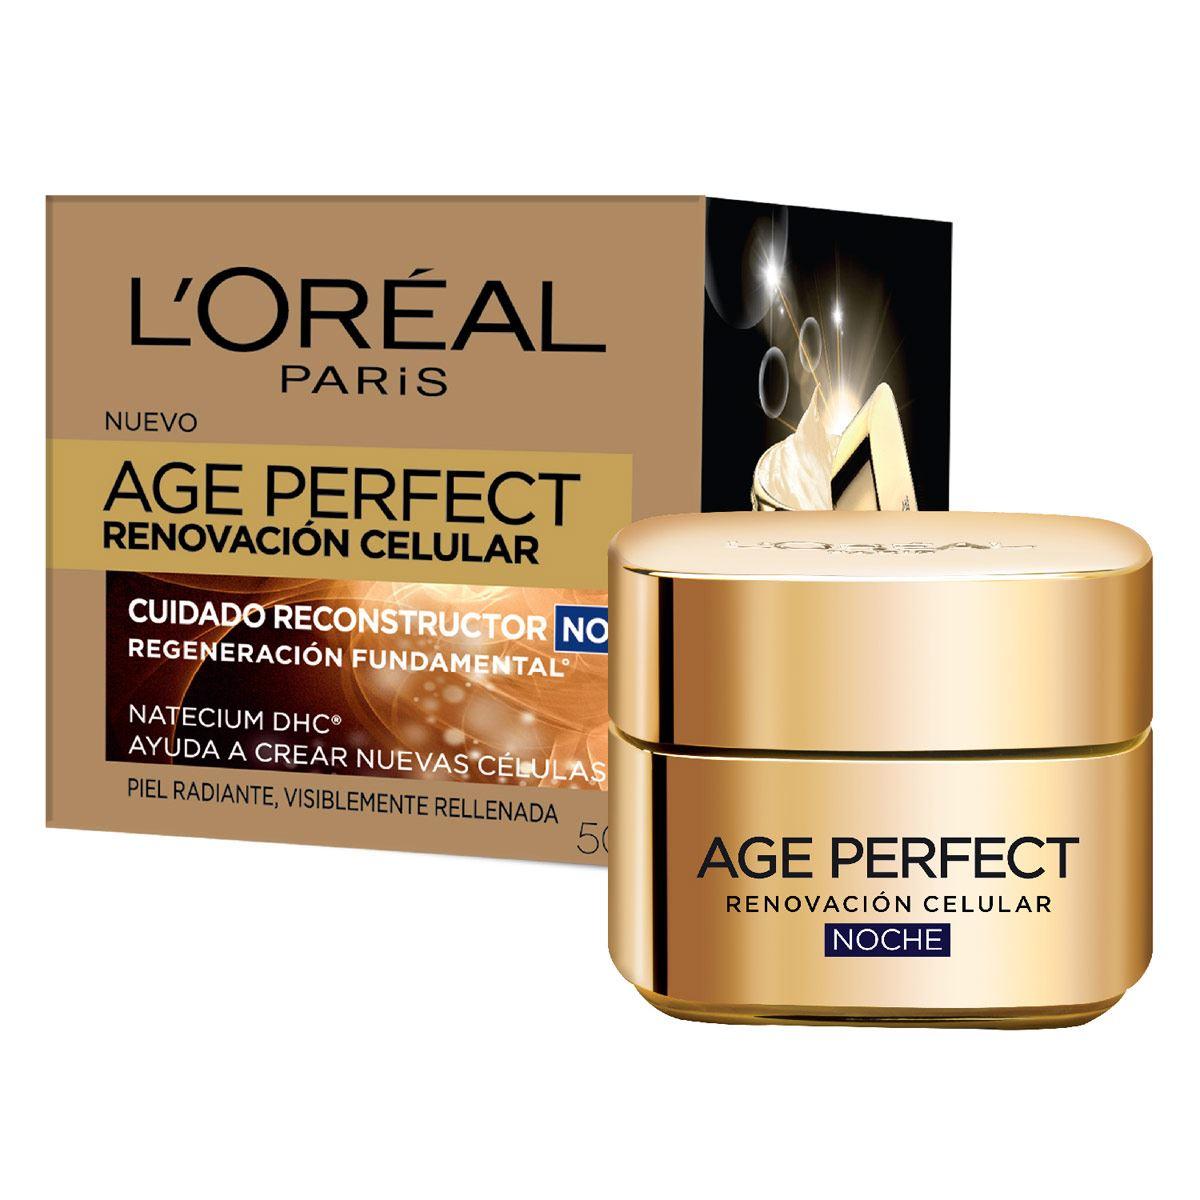 Crema Hidratante Antiarrugas De Noche, Age Perfect L'Oréal Paris, 50ml